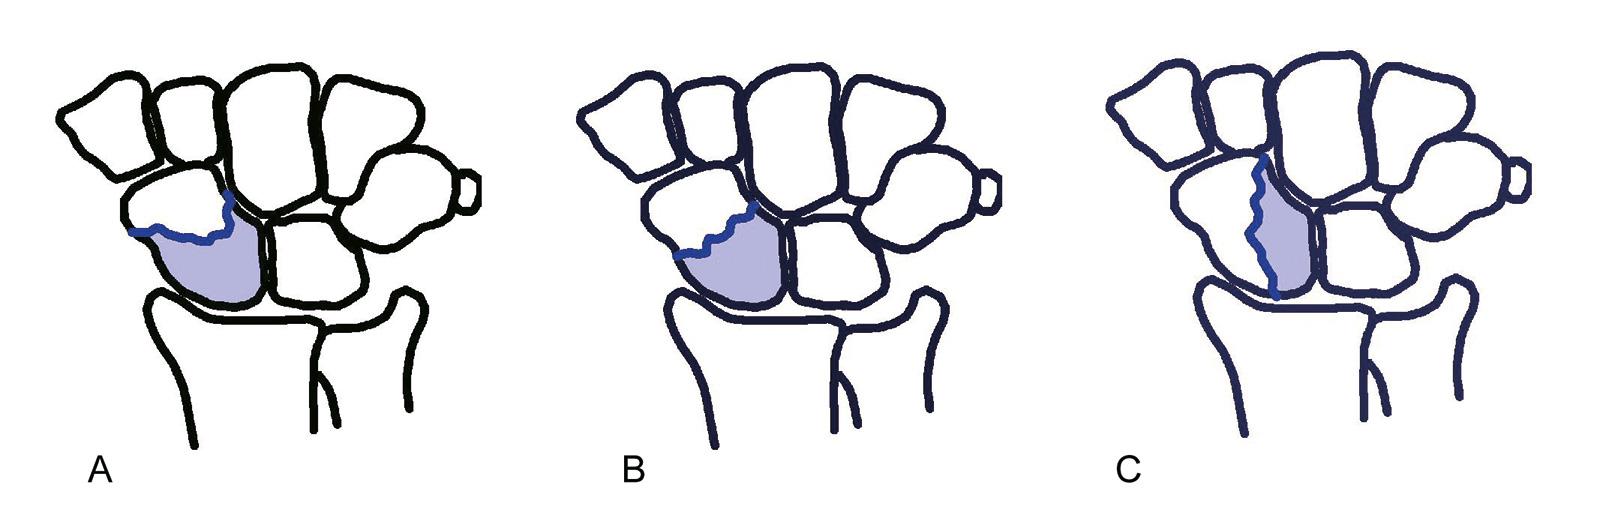 Abb. 7-10: Einteilung der Kahnbeinfrakturen nach Russe: horizontaler Schrägbruch (A), Querbruch (B) und vertikaler Schrägbruch (C)